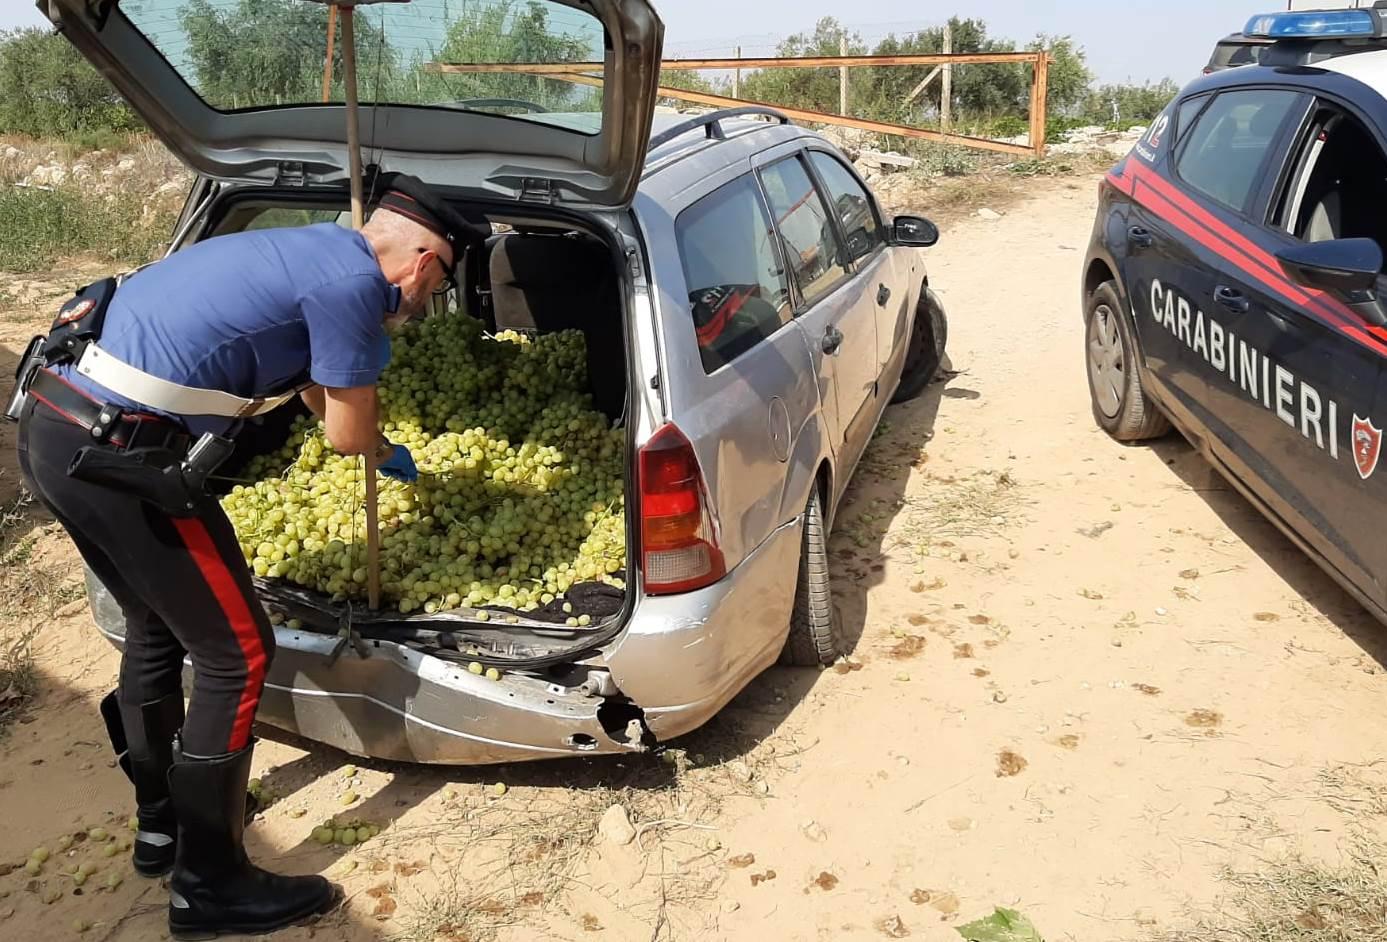 Caltagirone, 'vendemmiano' vigneto ma abbandonano auto dopo cedimento della ruota: salvati 800 kg di uva da tavola